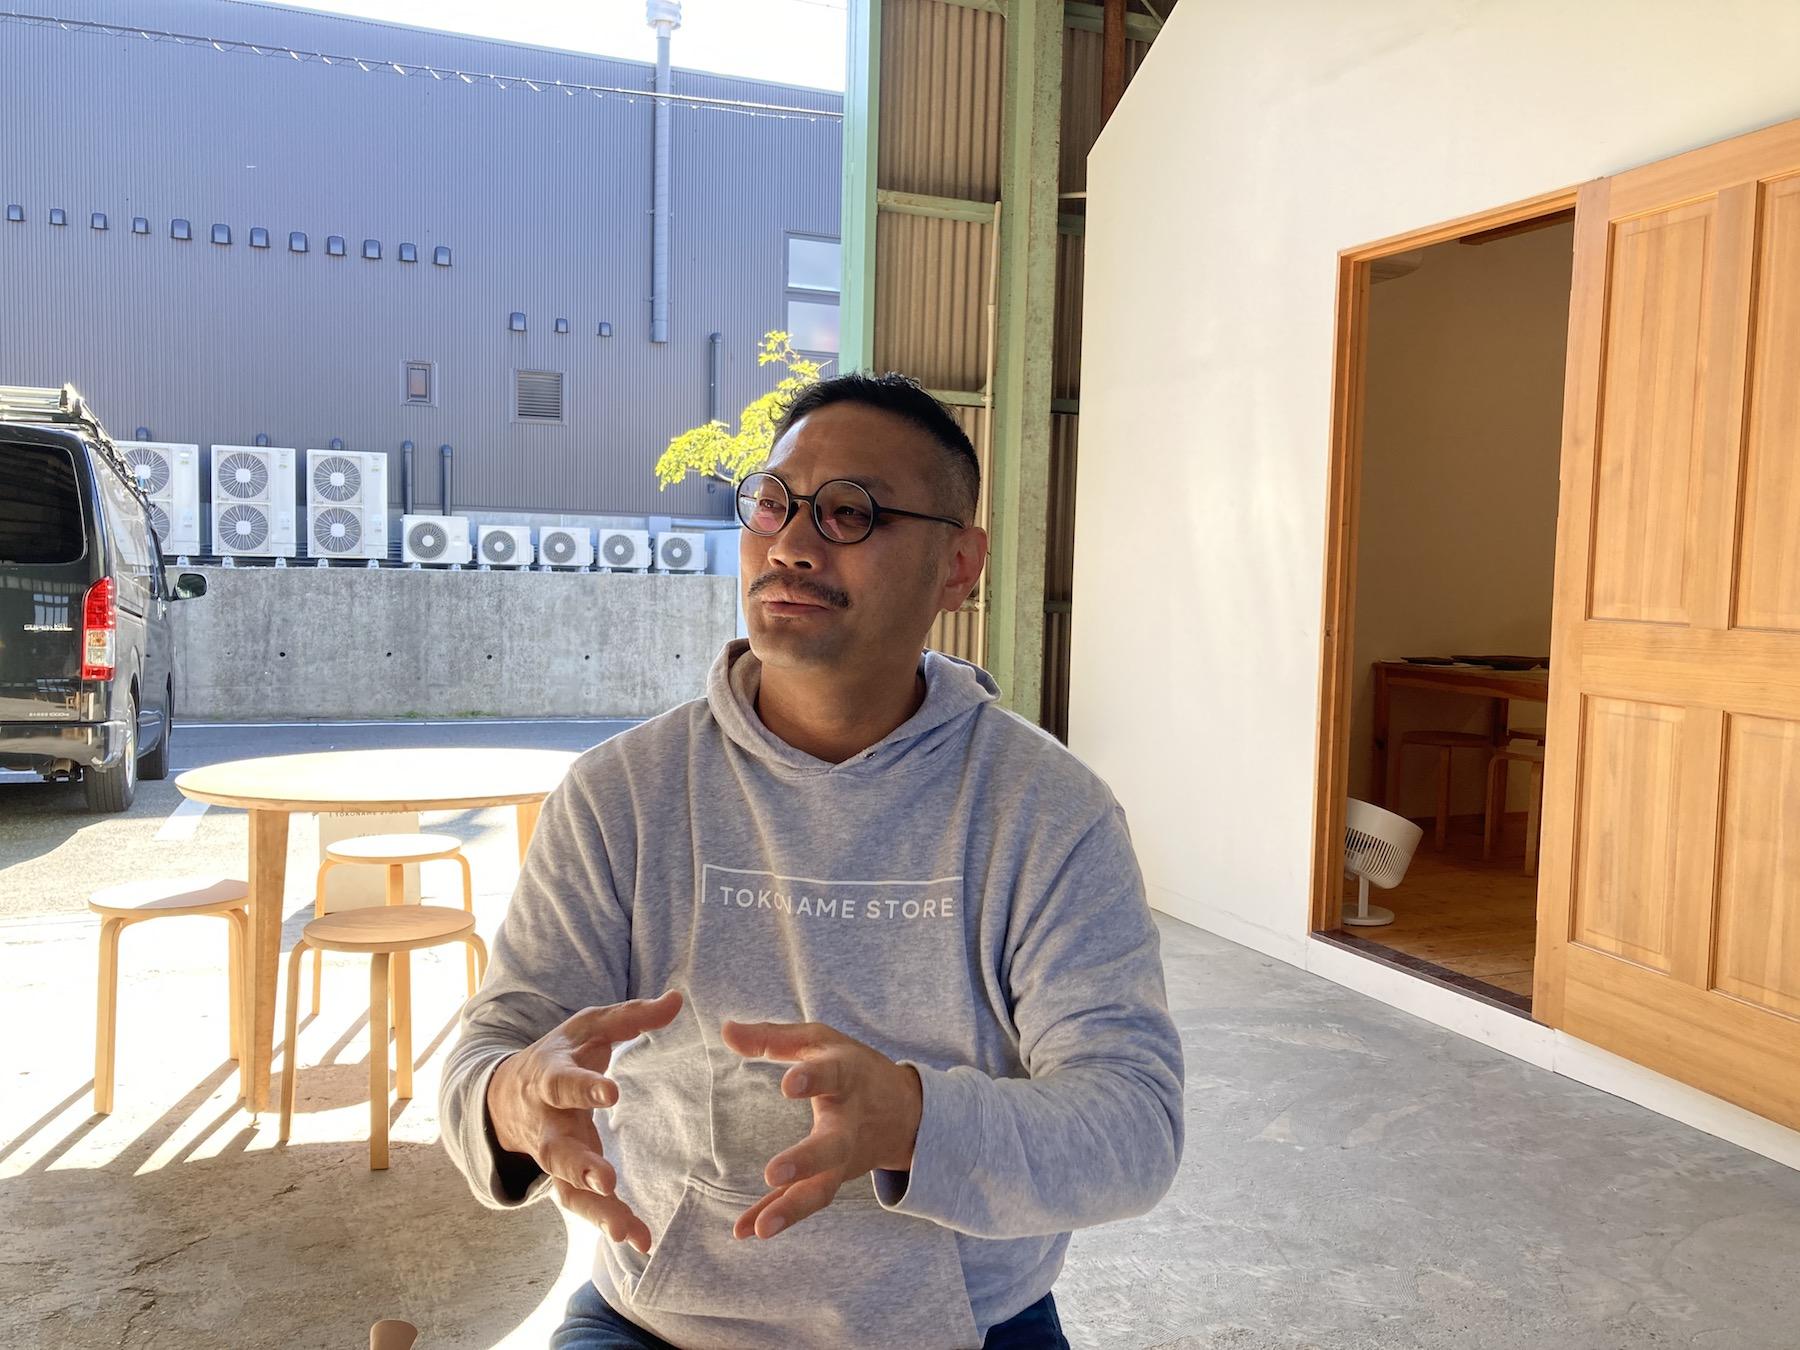 鯉江 優次(Yuji Koie)氏 有限会社山源陶苑 代表取締役 / 1975年1月26日生まれ。中京大学卒業後、和食器を取り扱う総合商社に就職し、29歳で家業へ戻る。その後、2015年にTOKONAME STOREを開店。